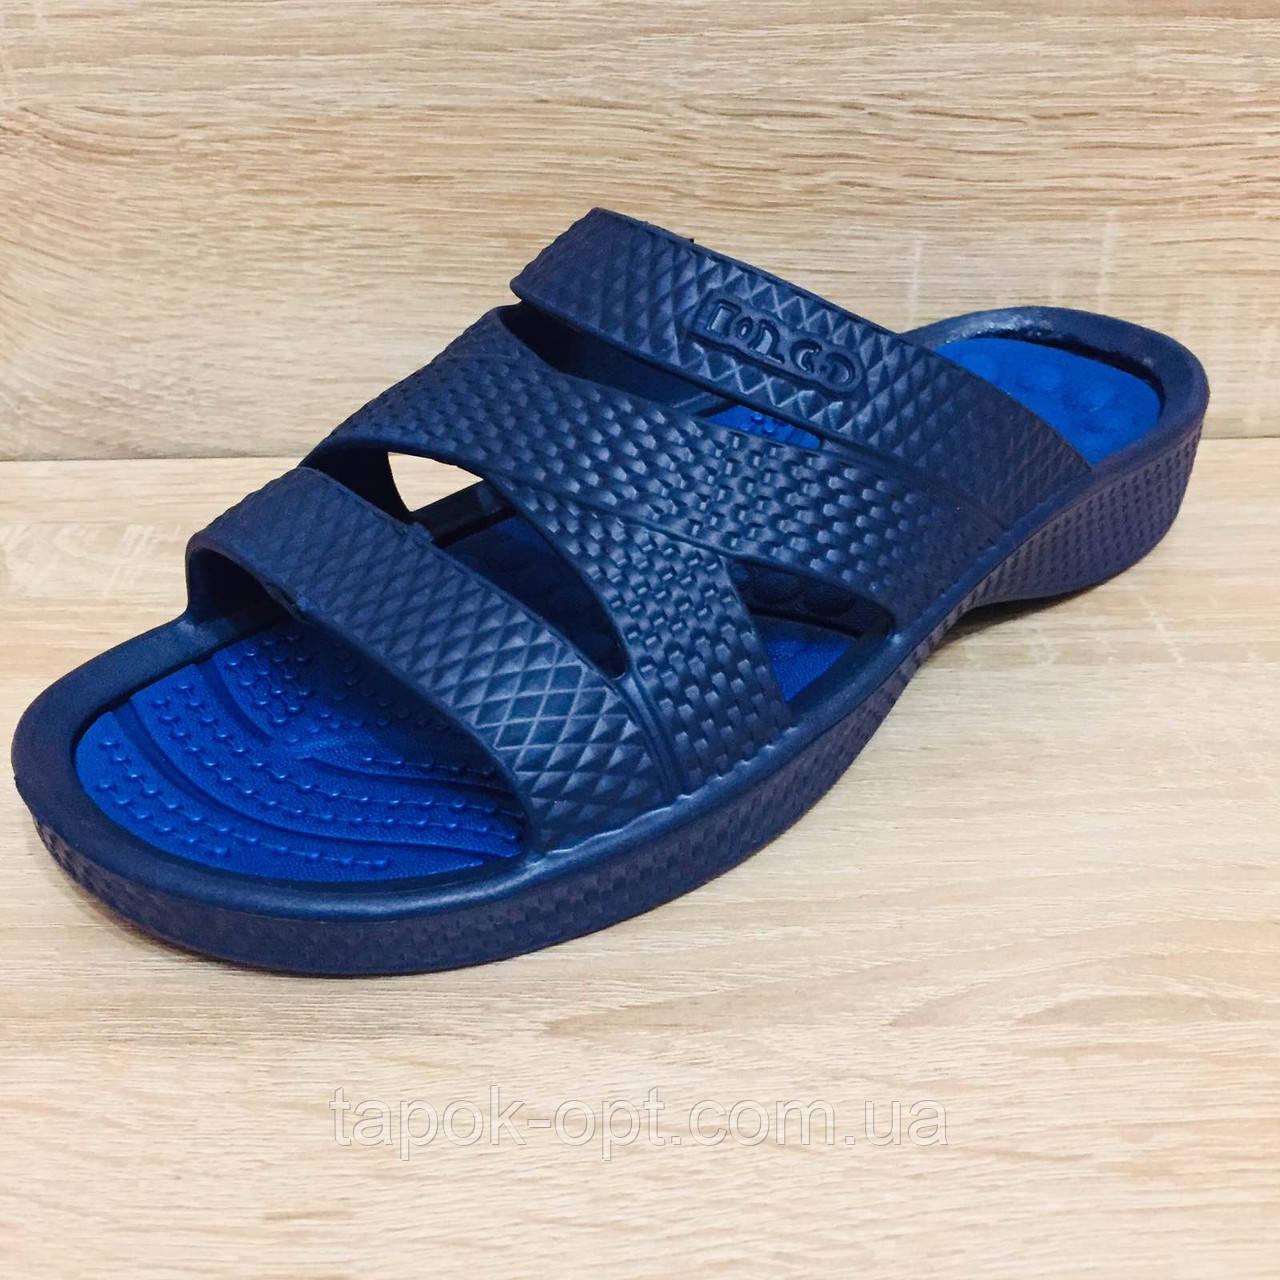 Шлепанцы ЭВА мужские обувь DAGO